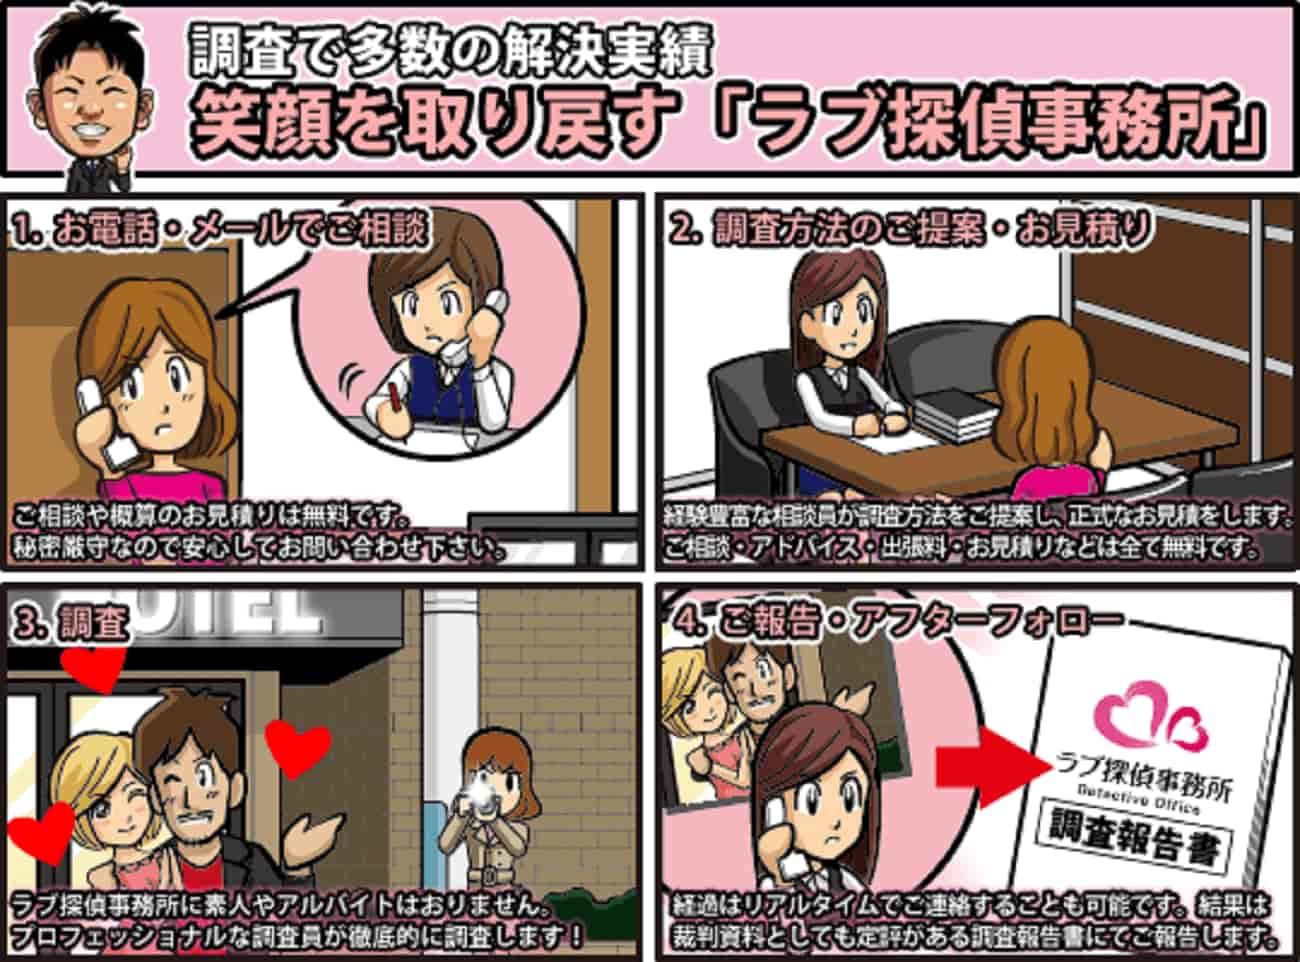 ラブ探偵事務所は埼玉県のご相談やお見積りは全て無料